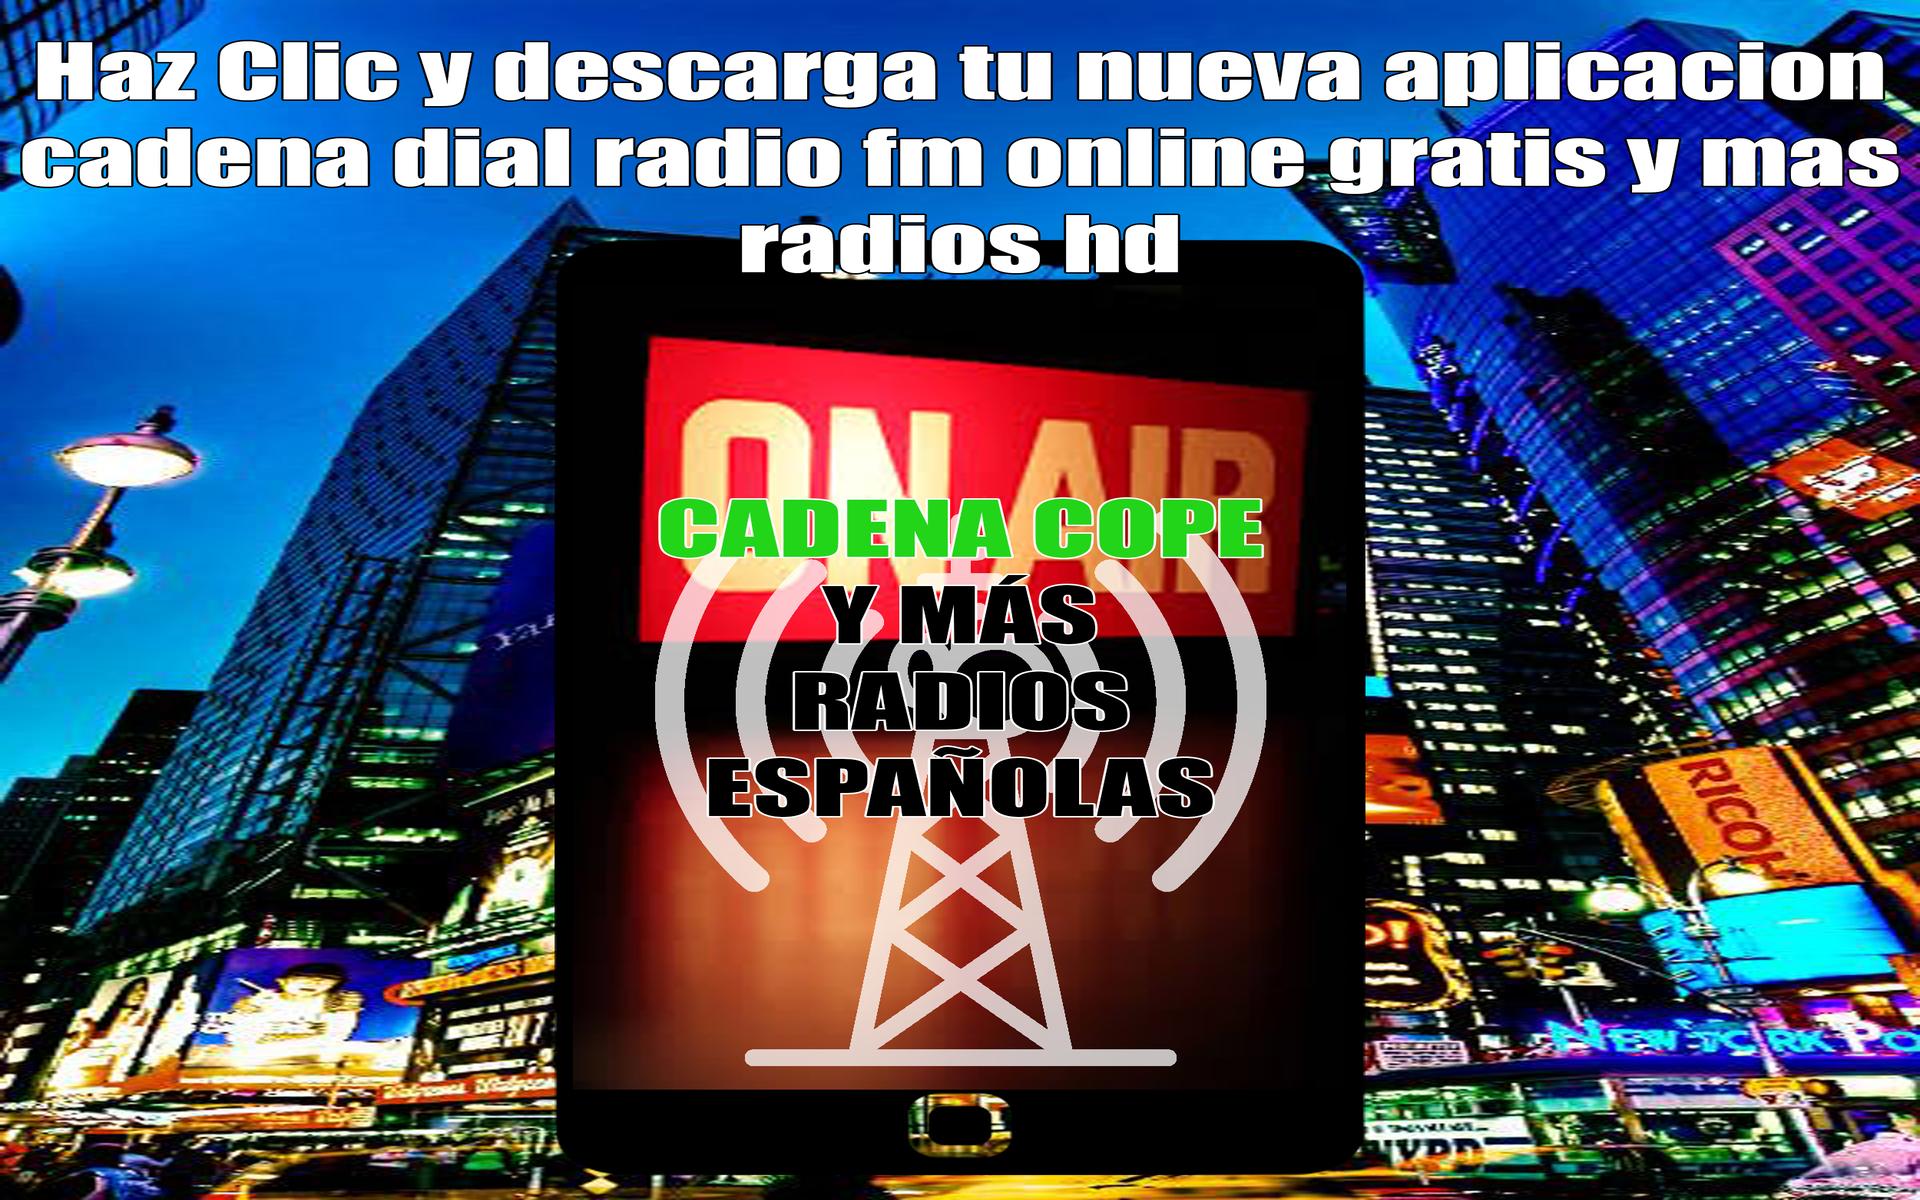 cadena cope radio fm online gratis y mas radios hd